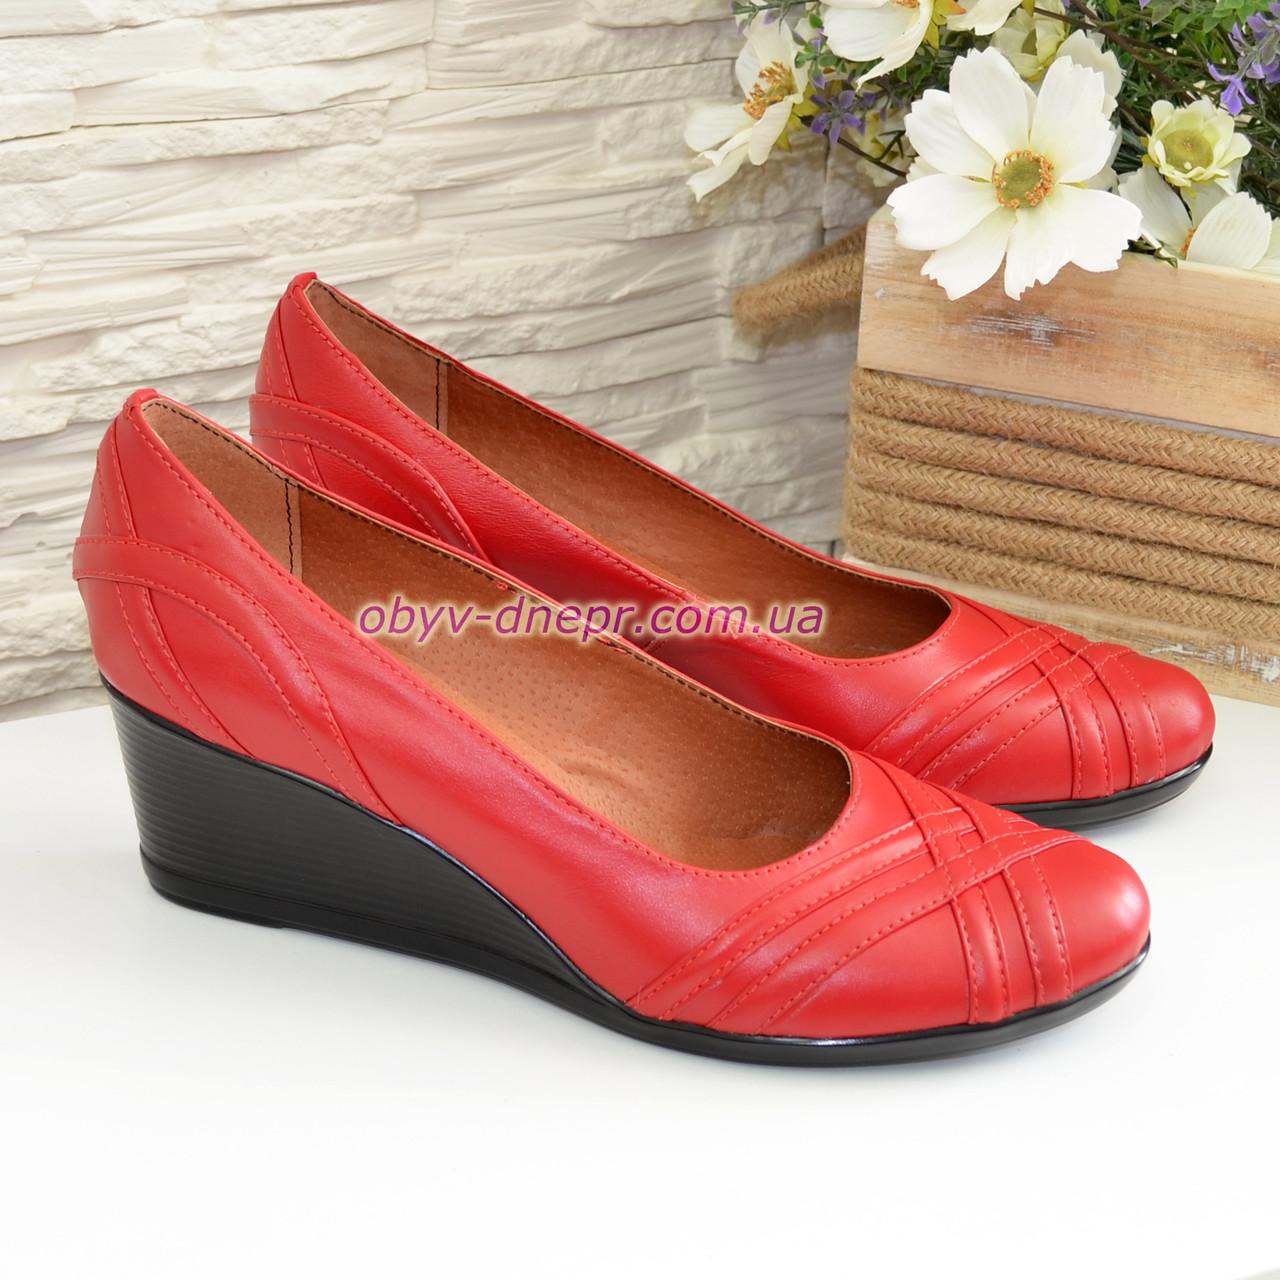 """Жіночі шкіряні туфлі на танкетці, колір червоний. ТМ """"Maestro"""""""